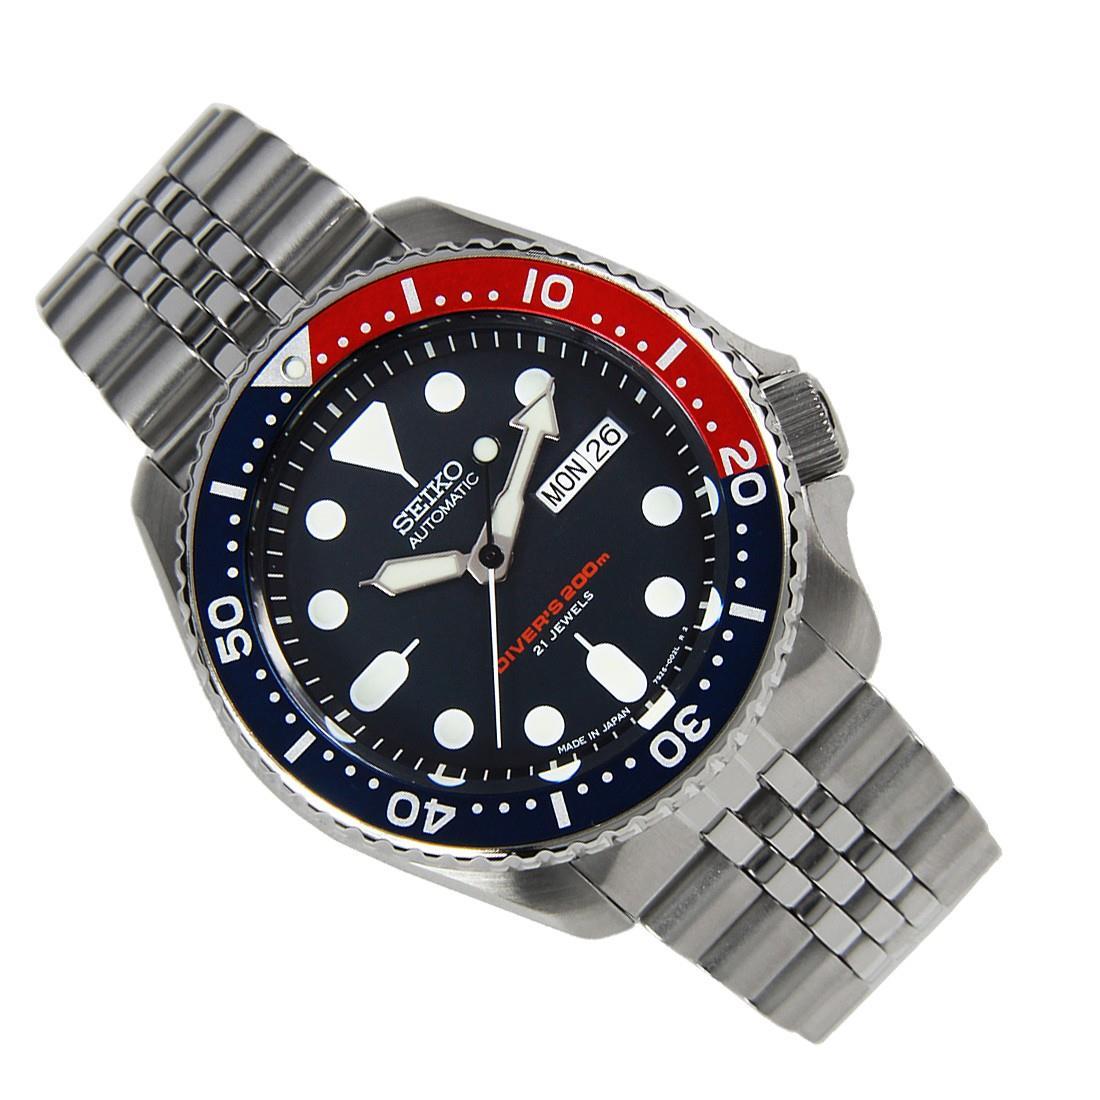 TOP-SELLING-Seiko-SKX009-SKX009J1-SKX009J2-SKX009K1-SKX009K2-Pepsi-Dive-Watch thumbnail 18